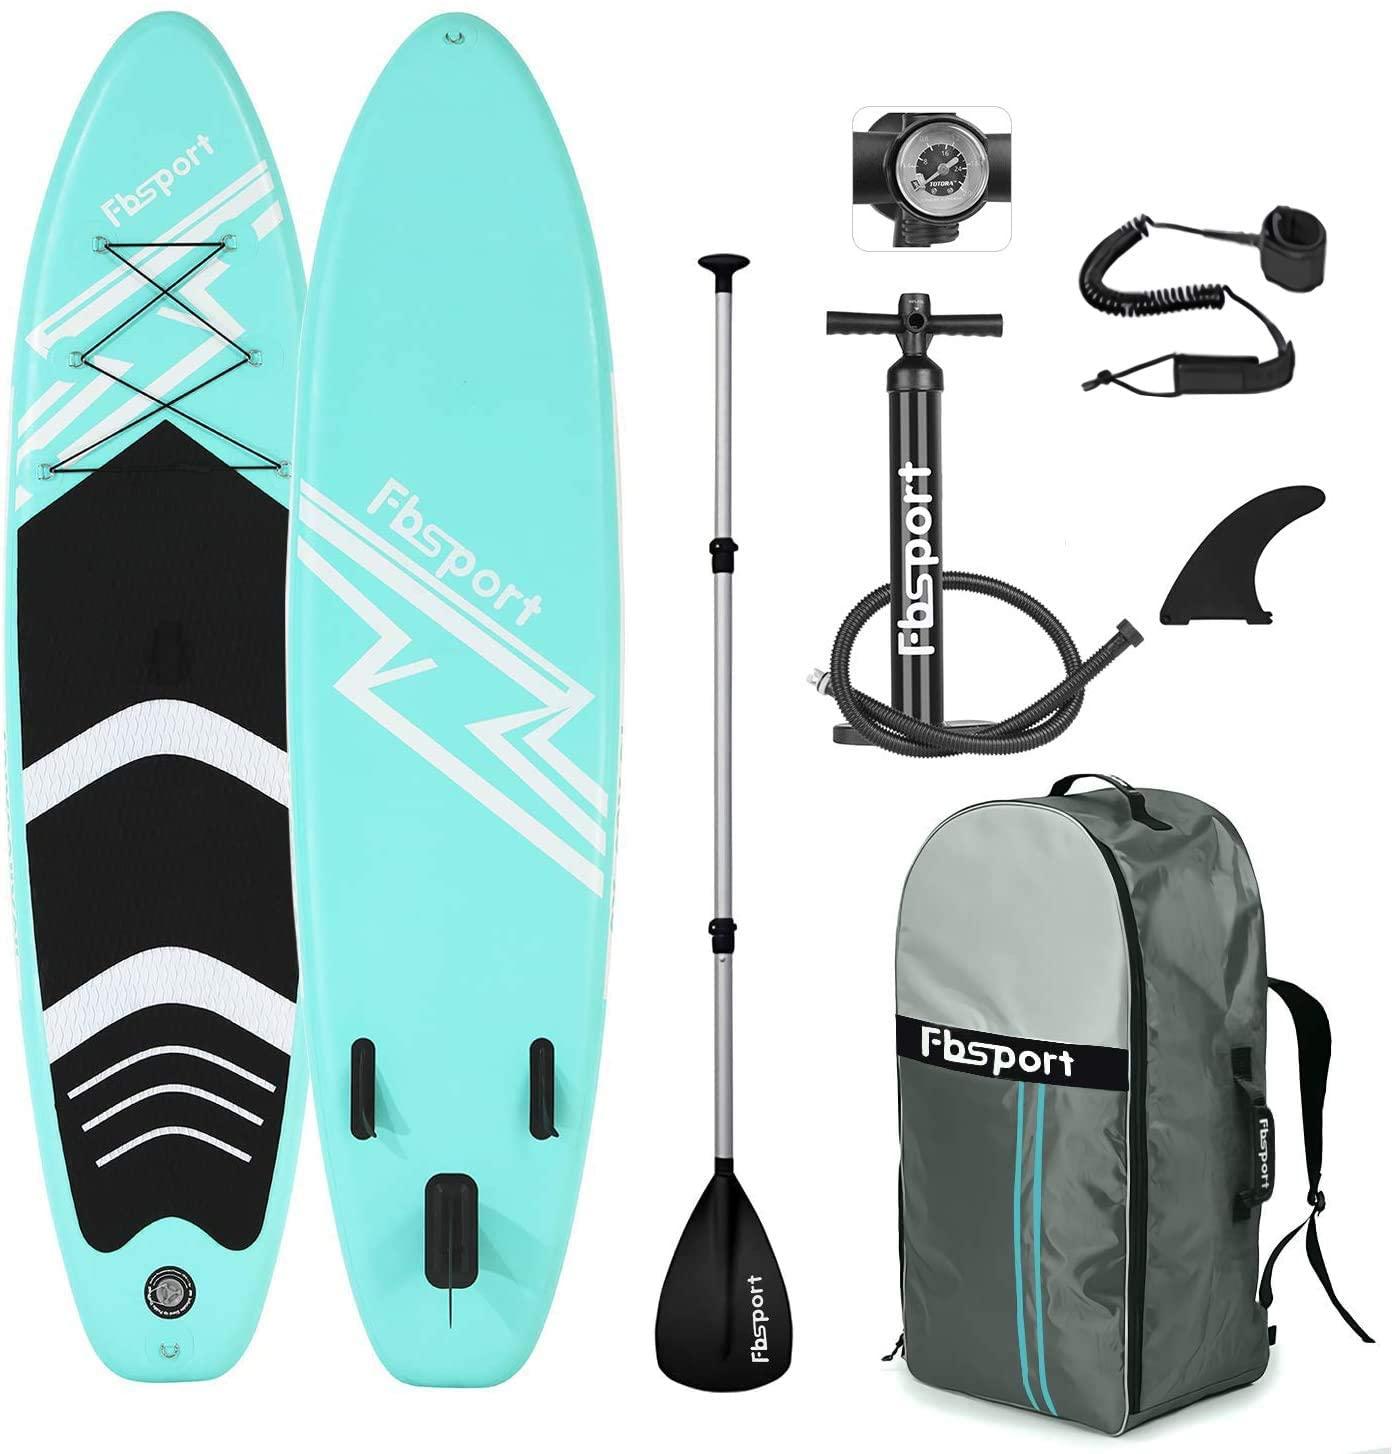 mejores tablas de paddle surf baratas, Fb Sport